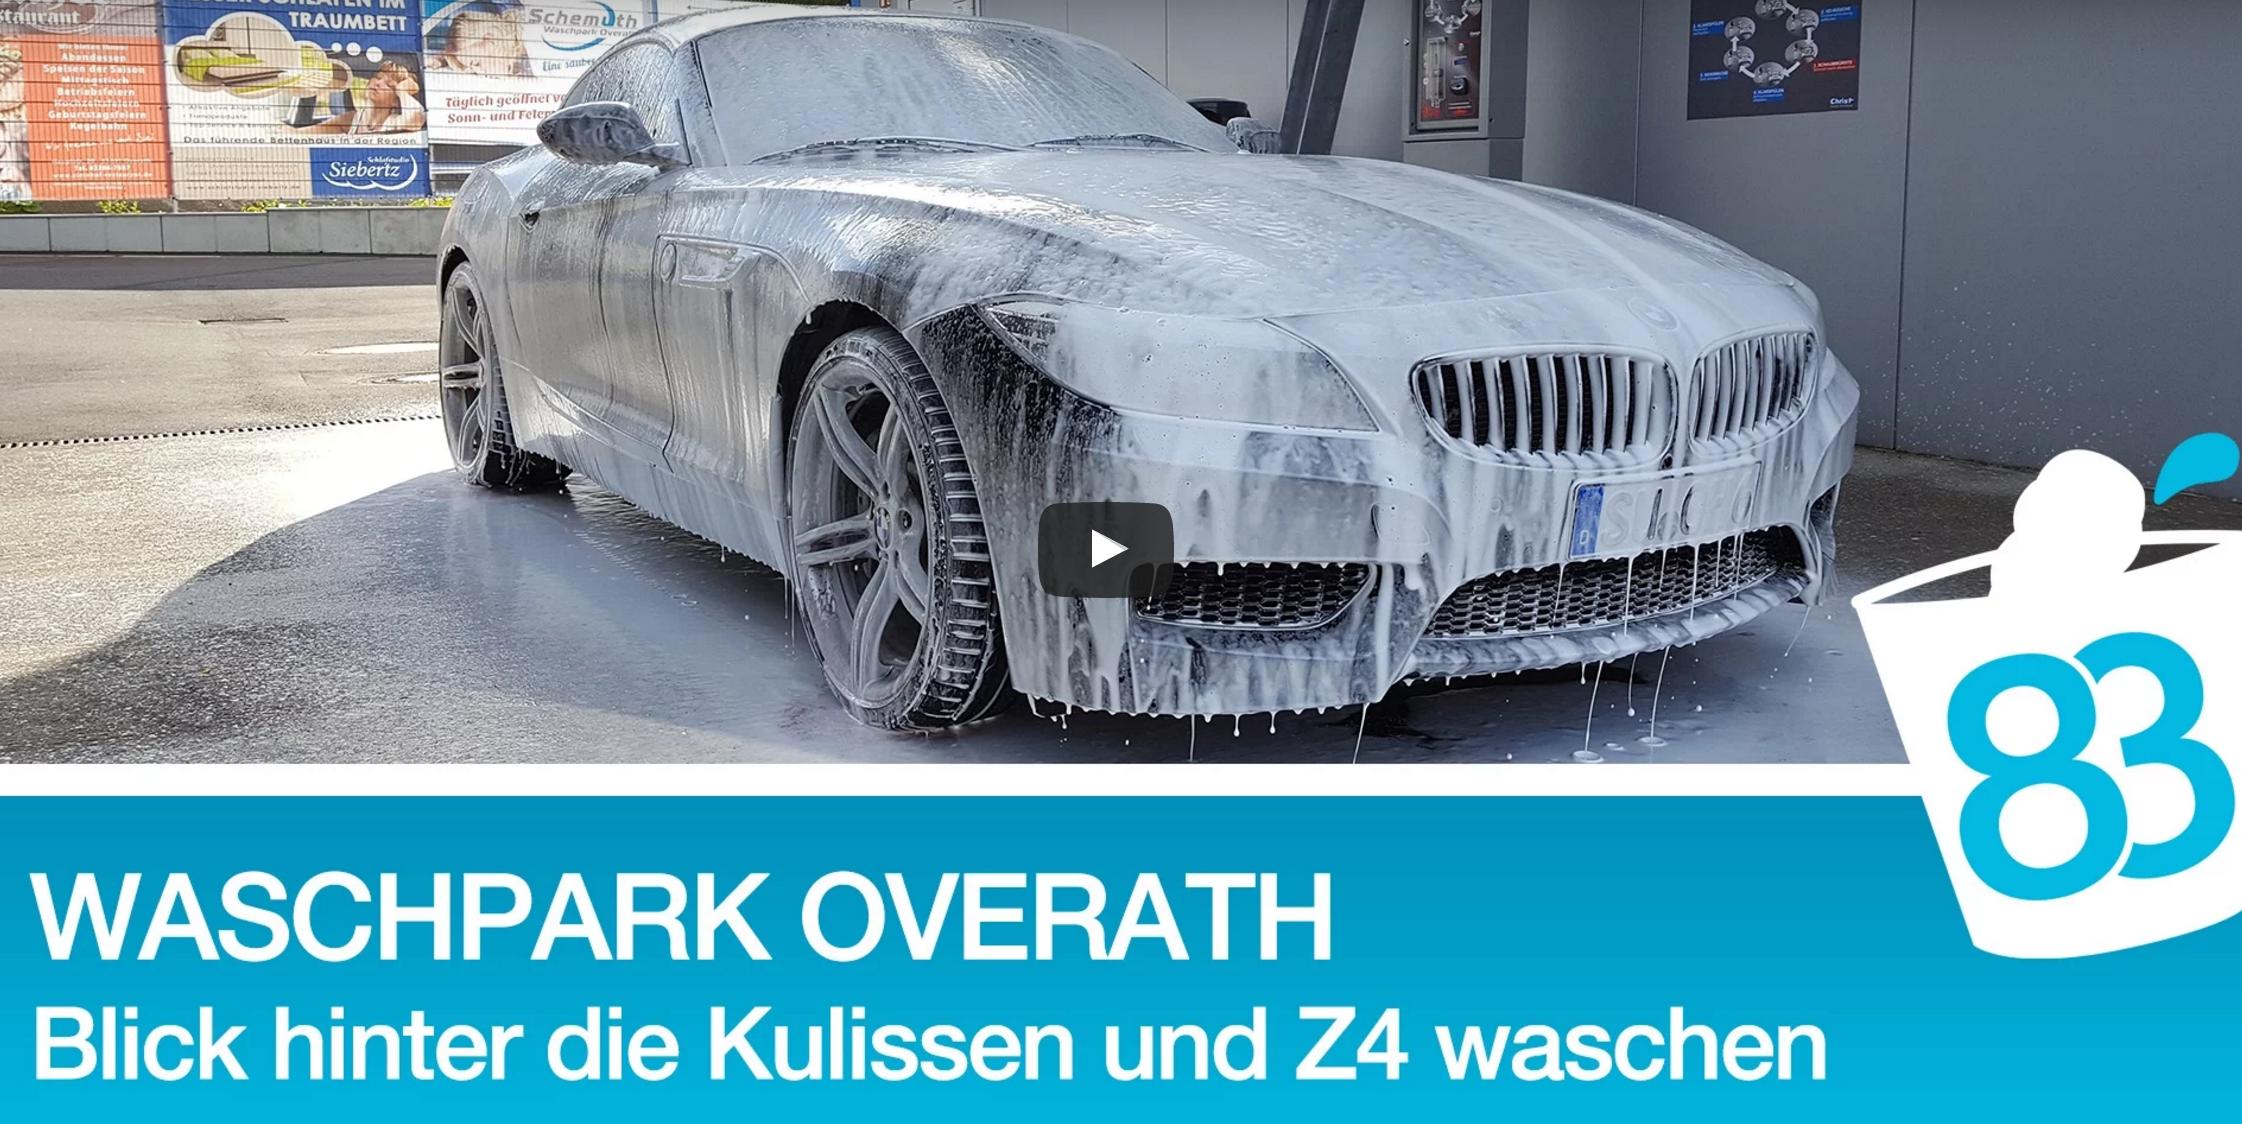 Waschpark in Overath